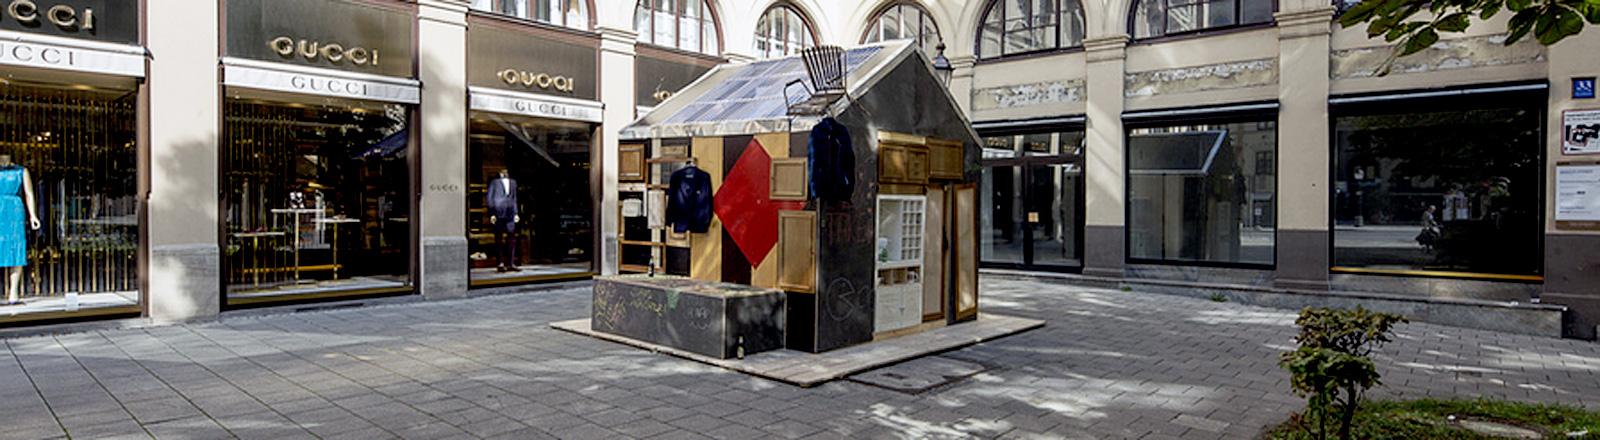 Hütte vor Luxusläden